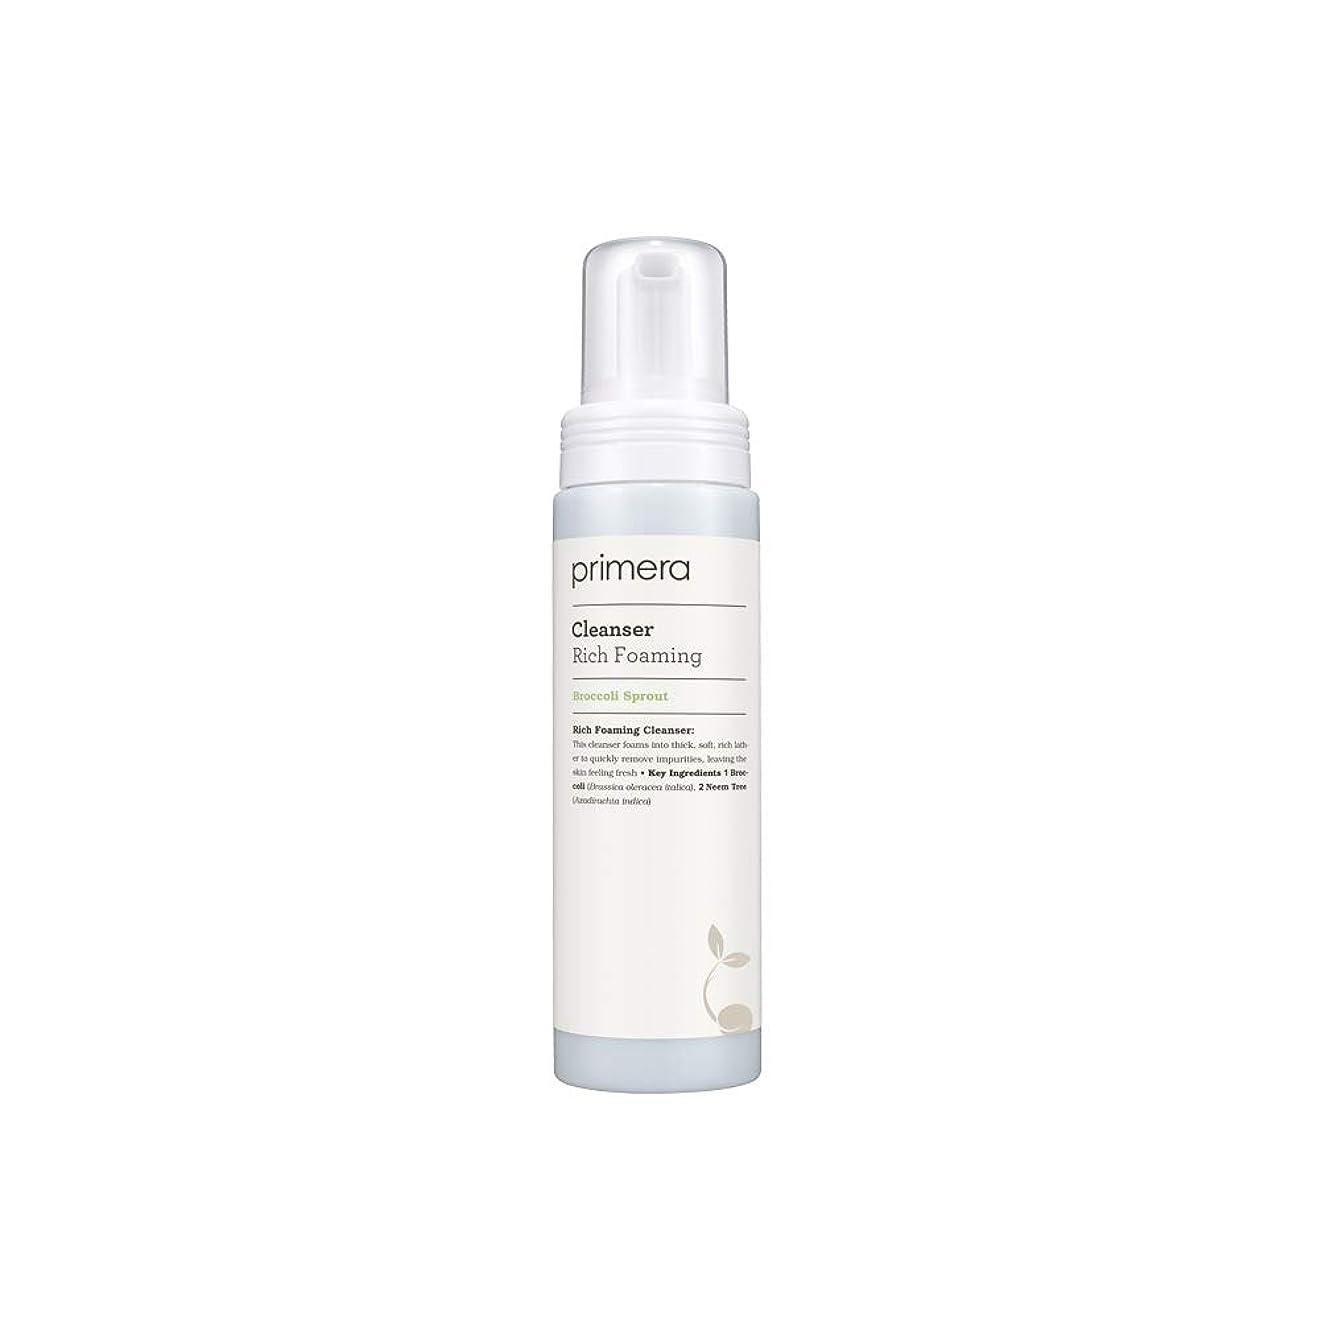 ギネスキリスト教広々とした【primera公式】プリメラ スキン リリーフ UV プロテクター SPF50+ PA+++ 50ml/primera Skin Relief UV Protector SPF 50+ PA+++ 50ml